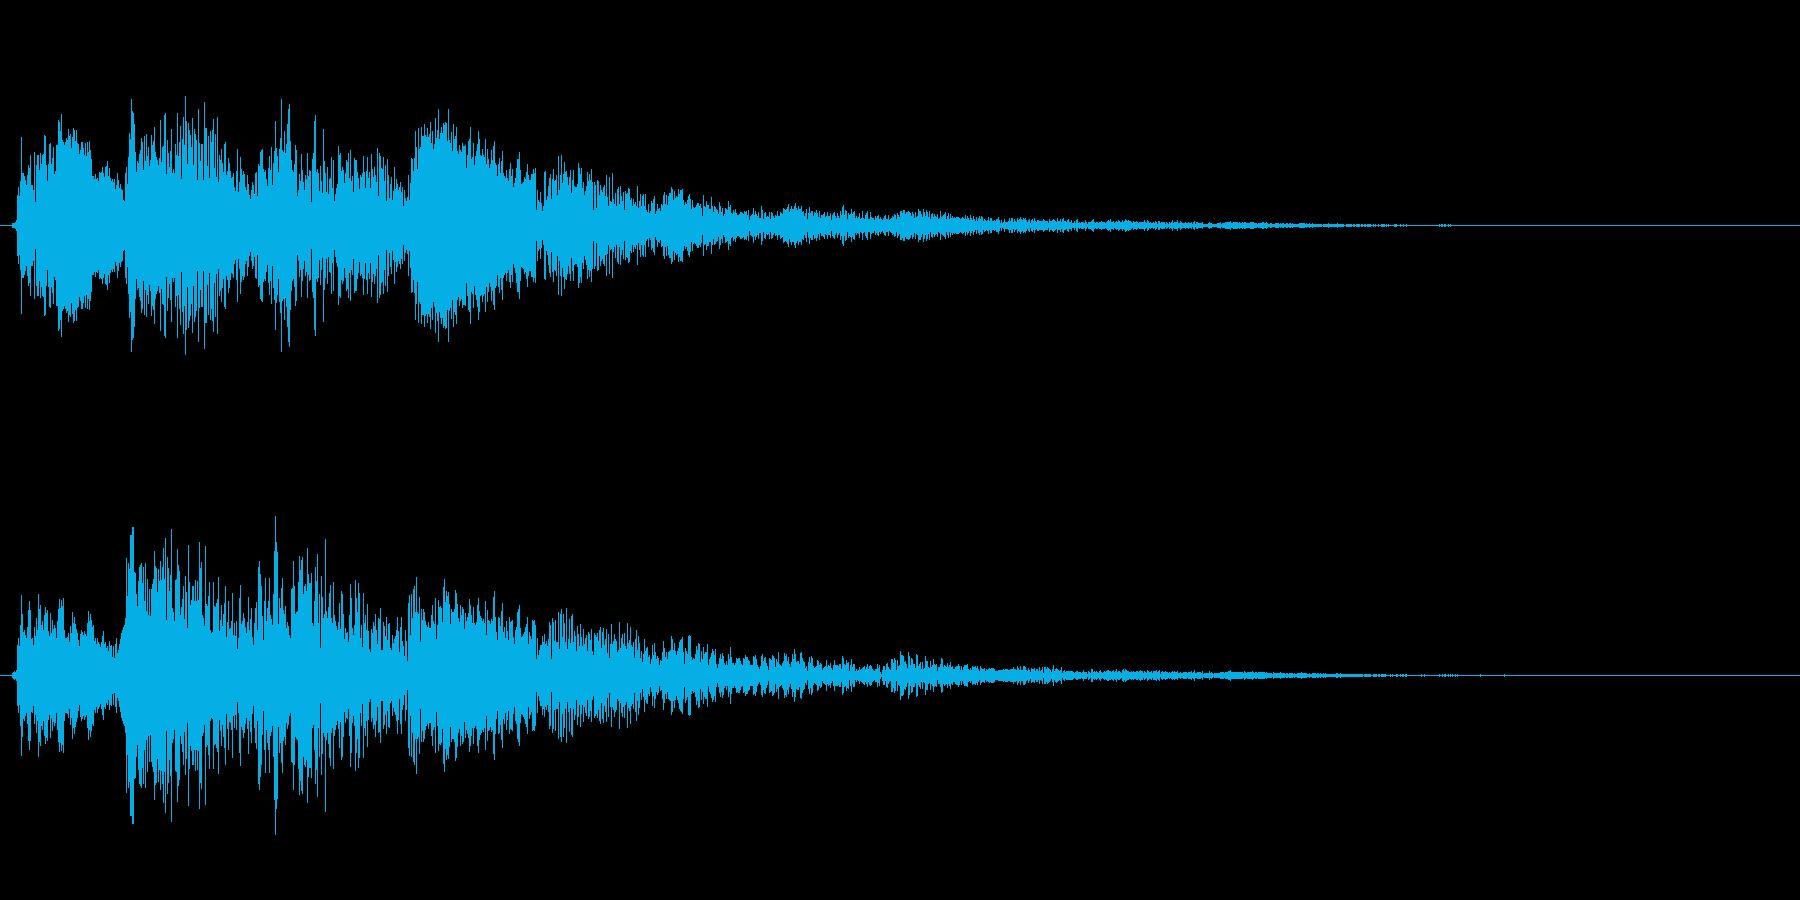 金属系バネ入り決定音(2音)低音の再生済みの波形